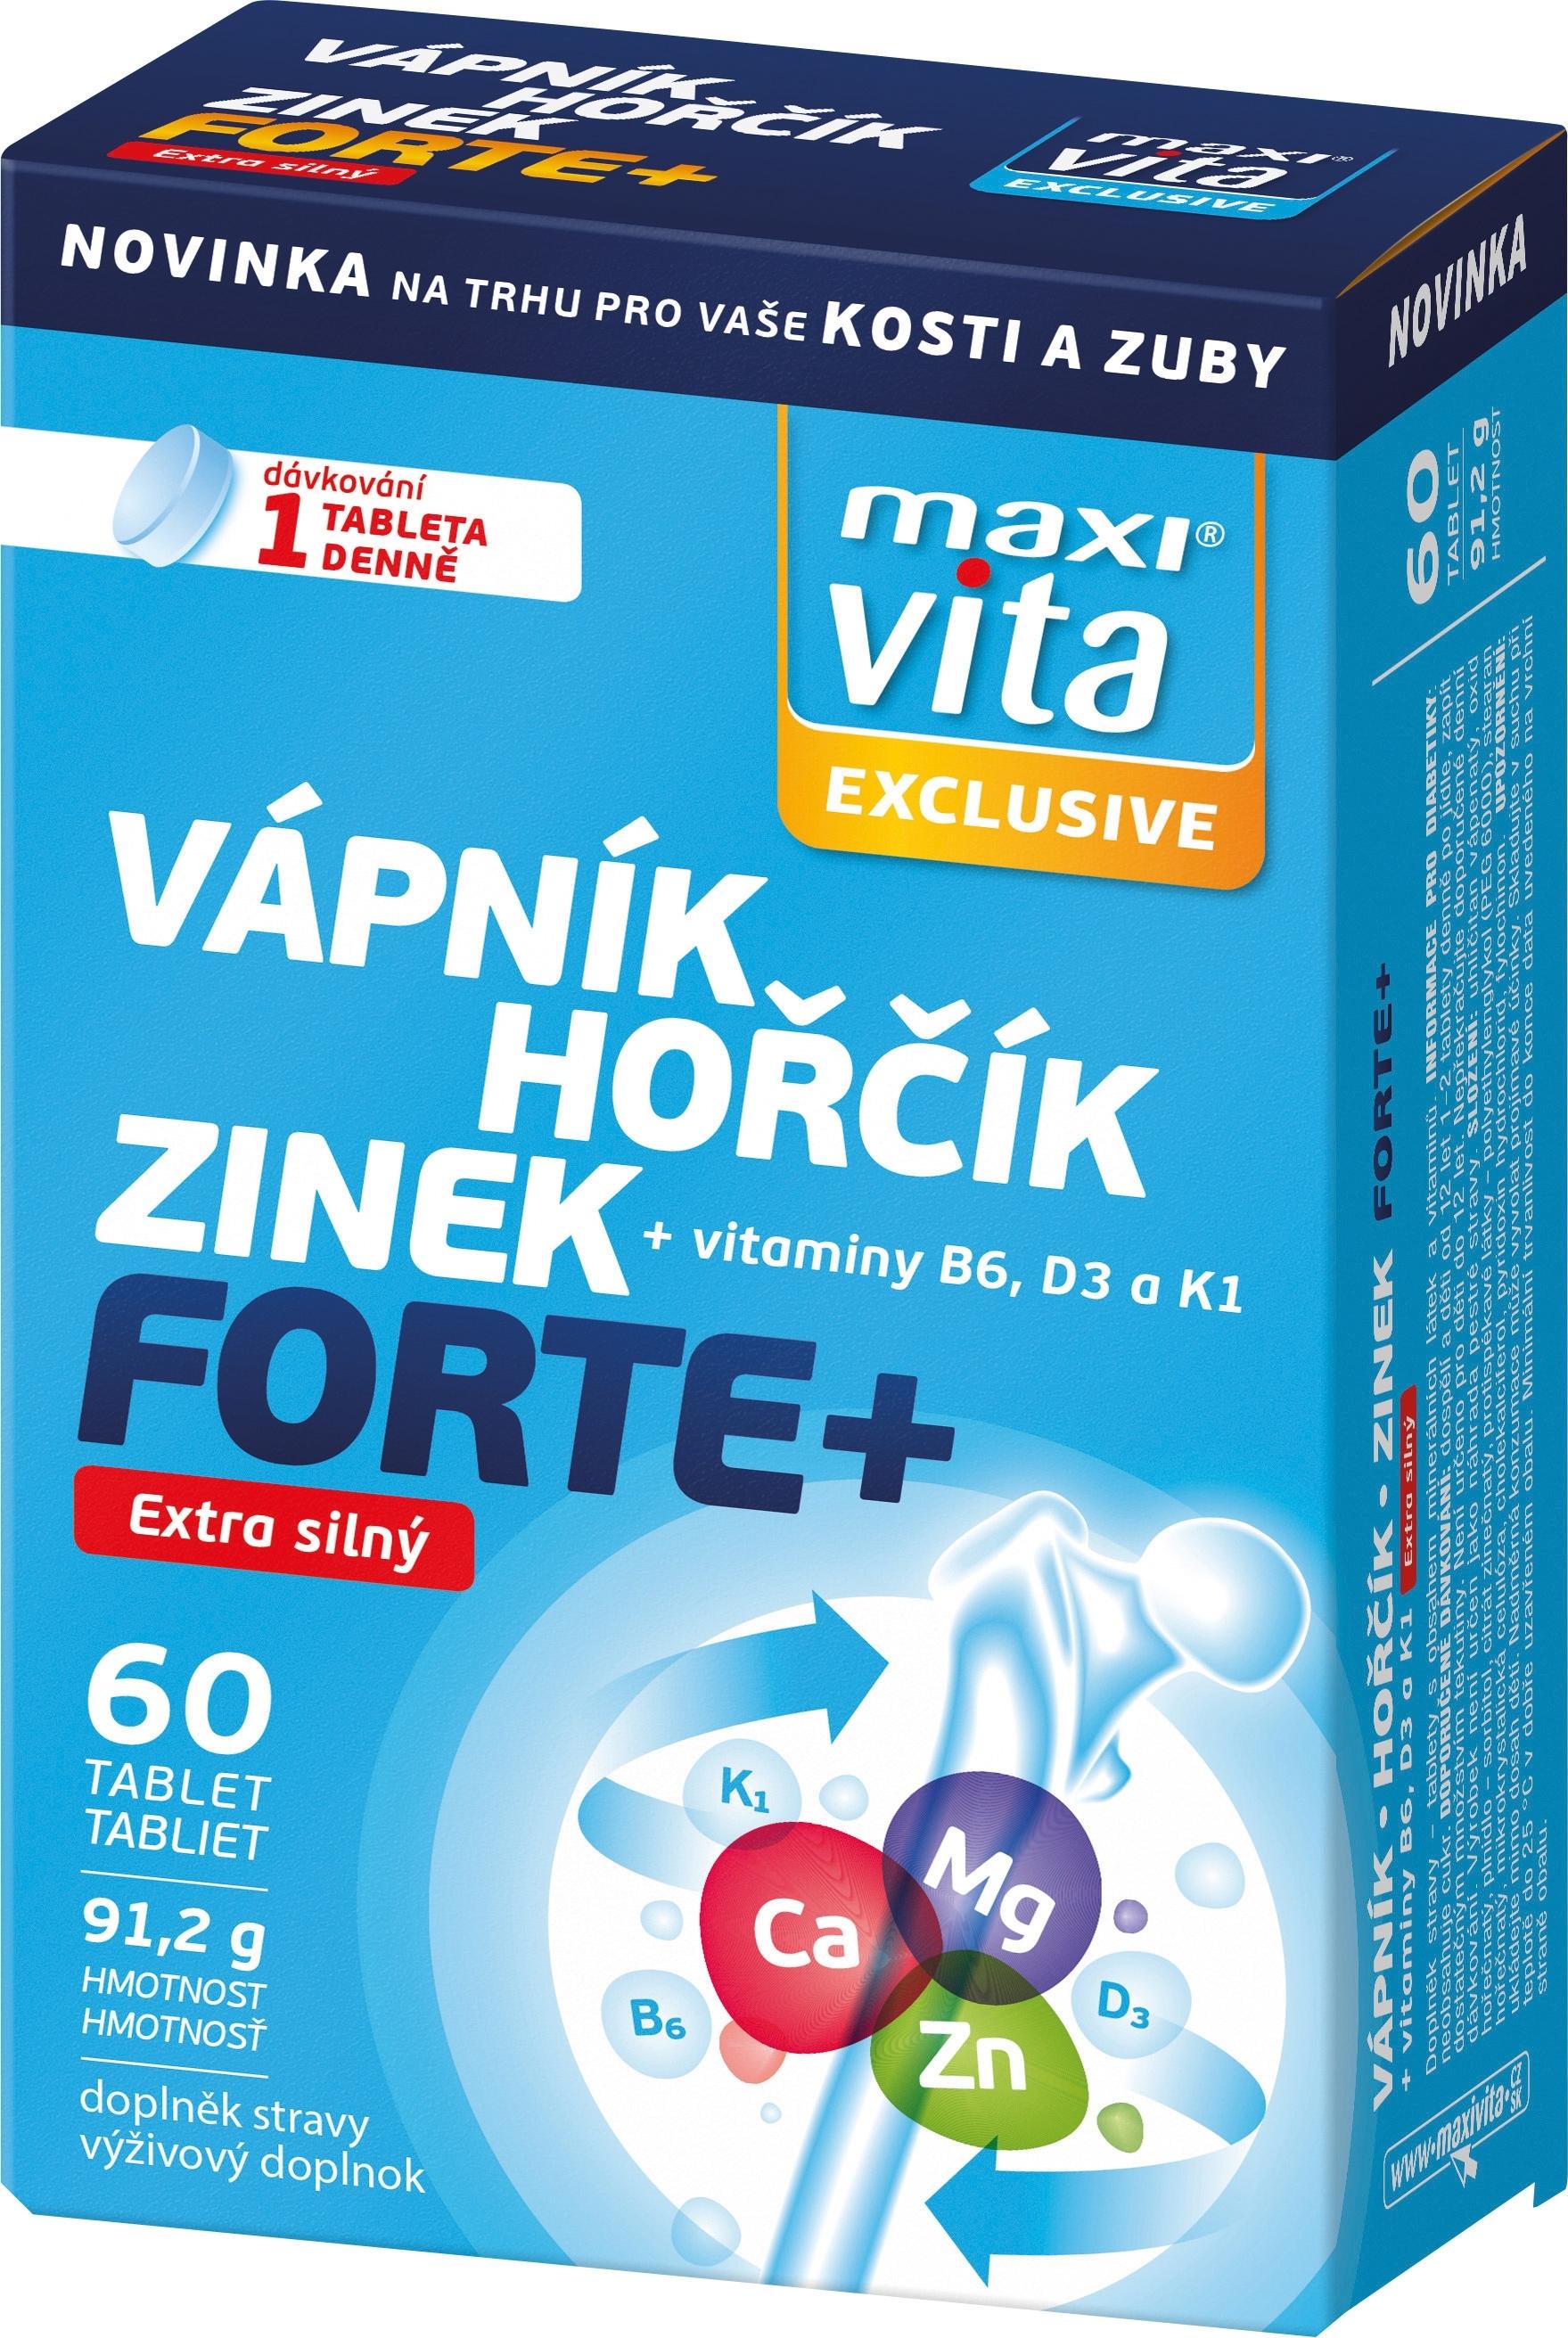 VITAR-Maxivita Vápník, hořčík, zinek, 60 tablet